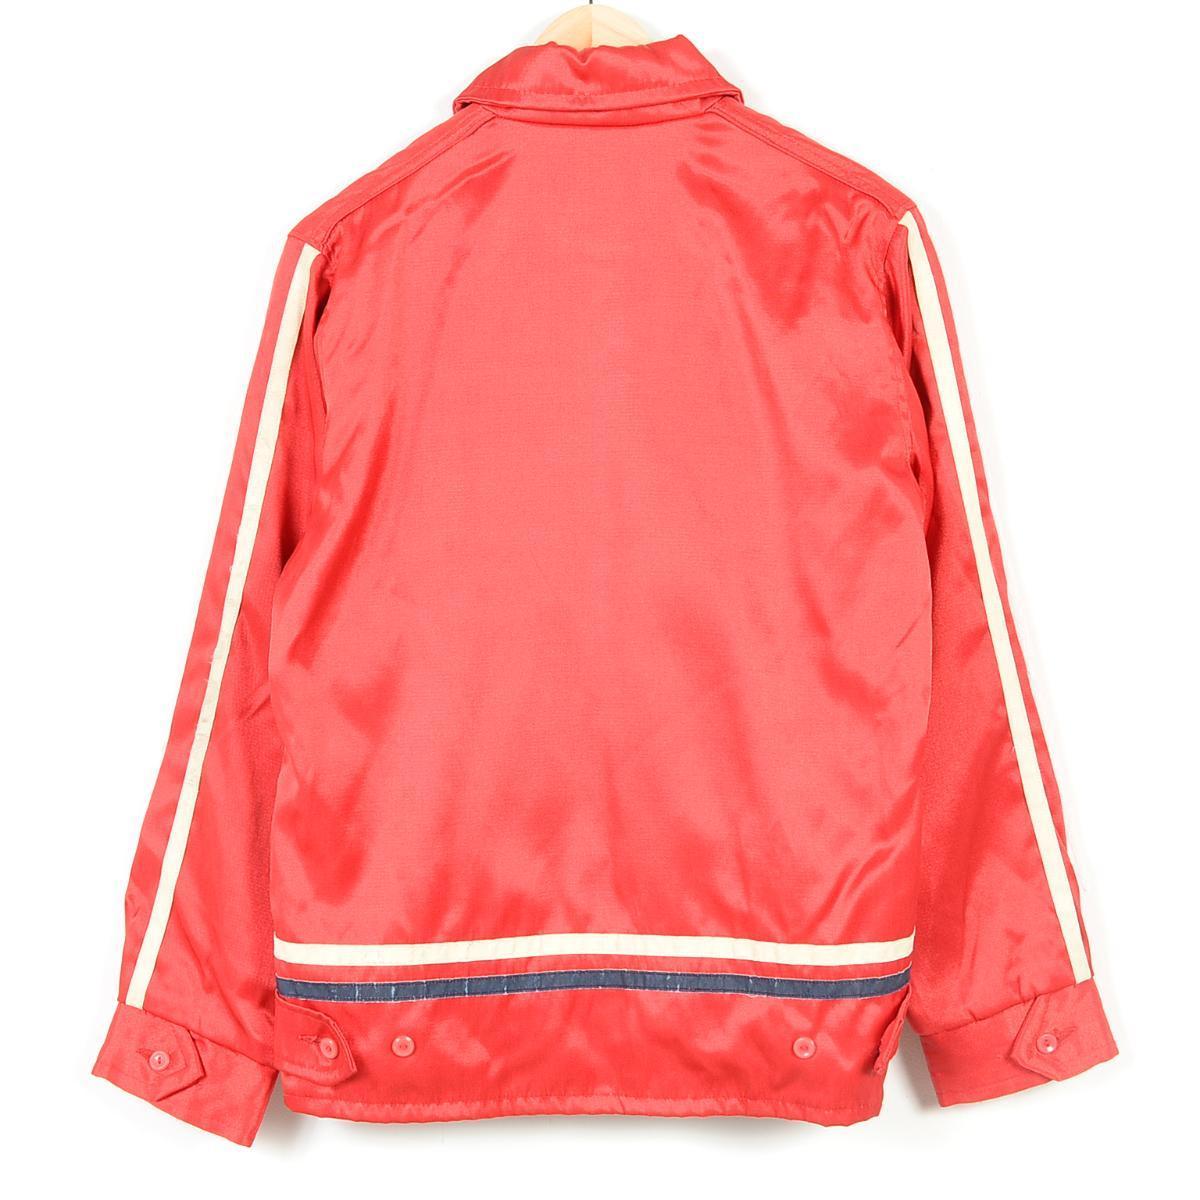 60 年代运动服亚马逊美国制缎夹套男装 M 复古运动服 /wei9176 150828。